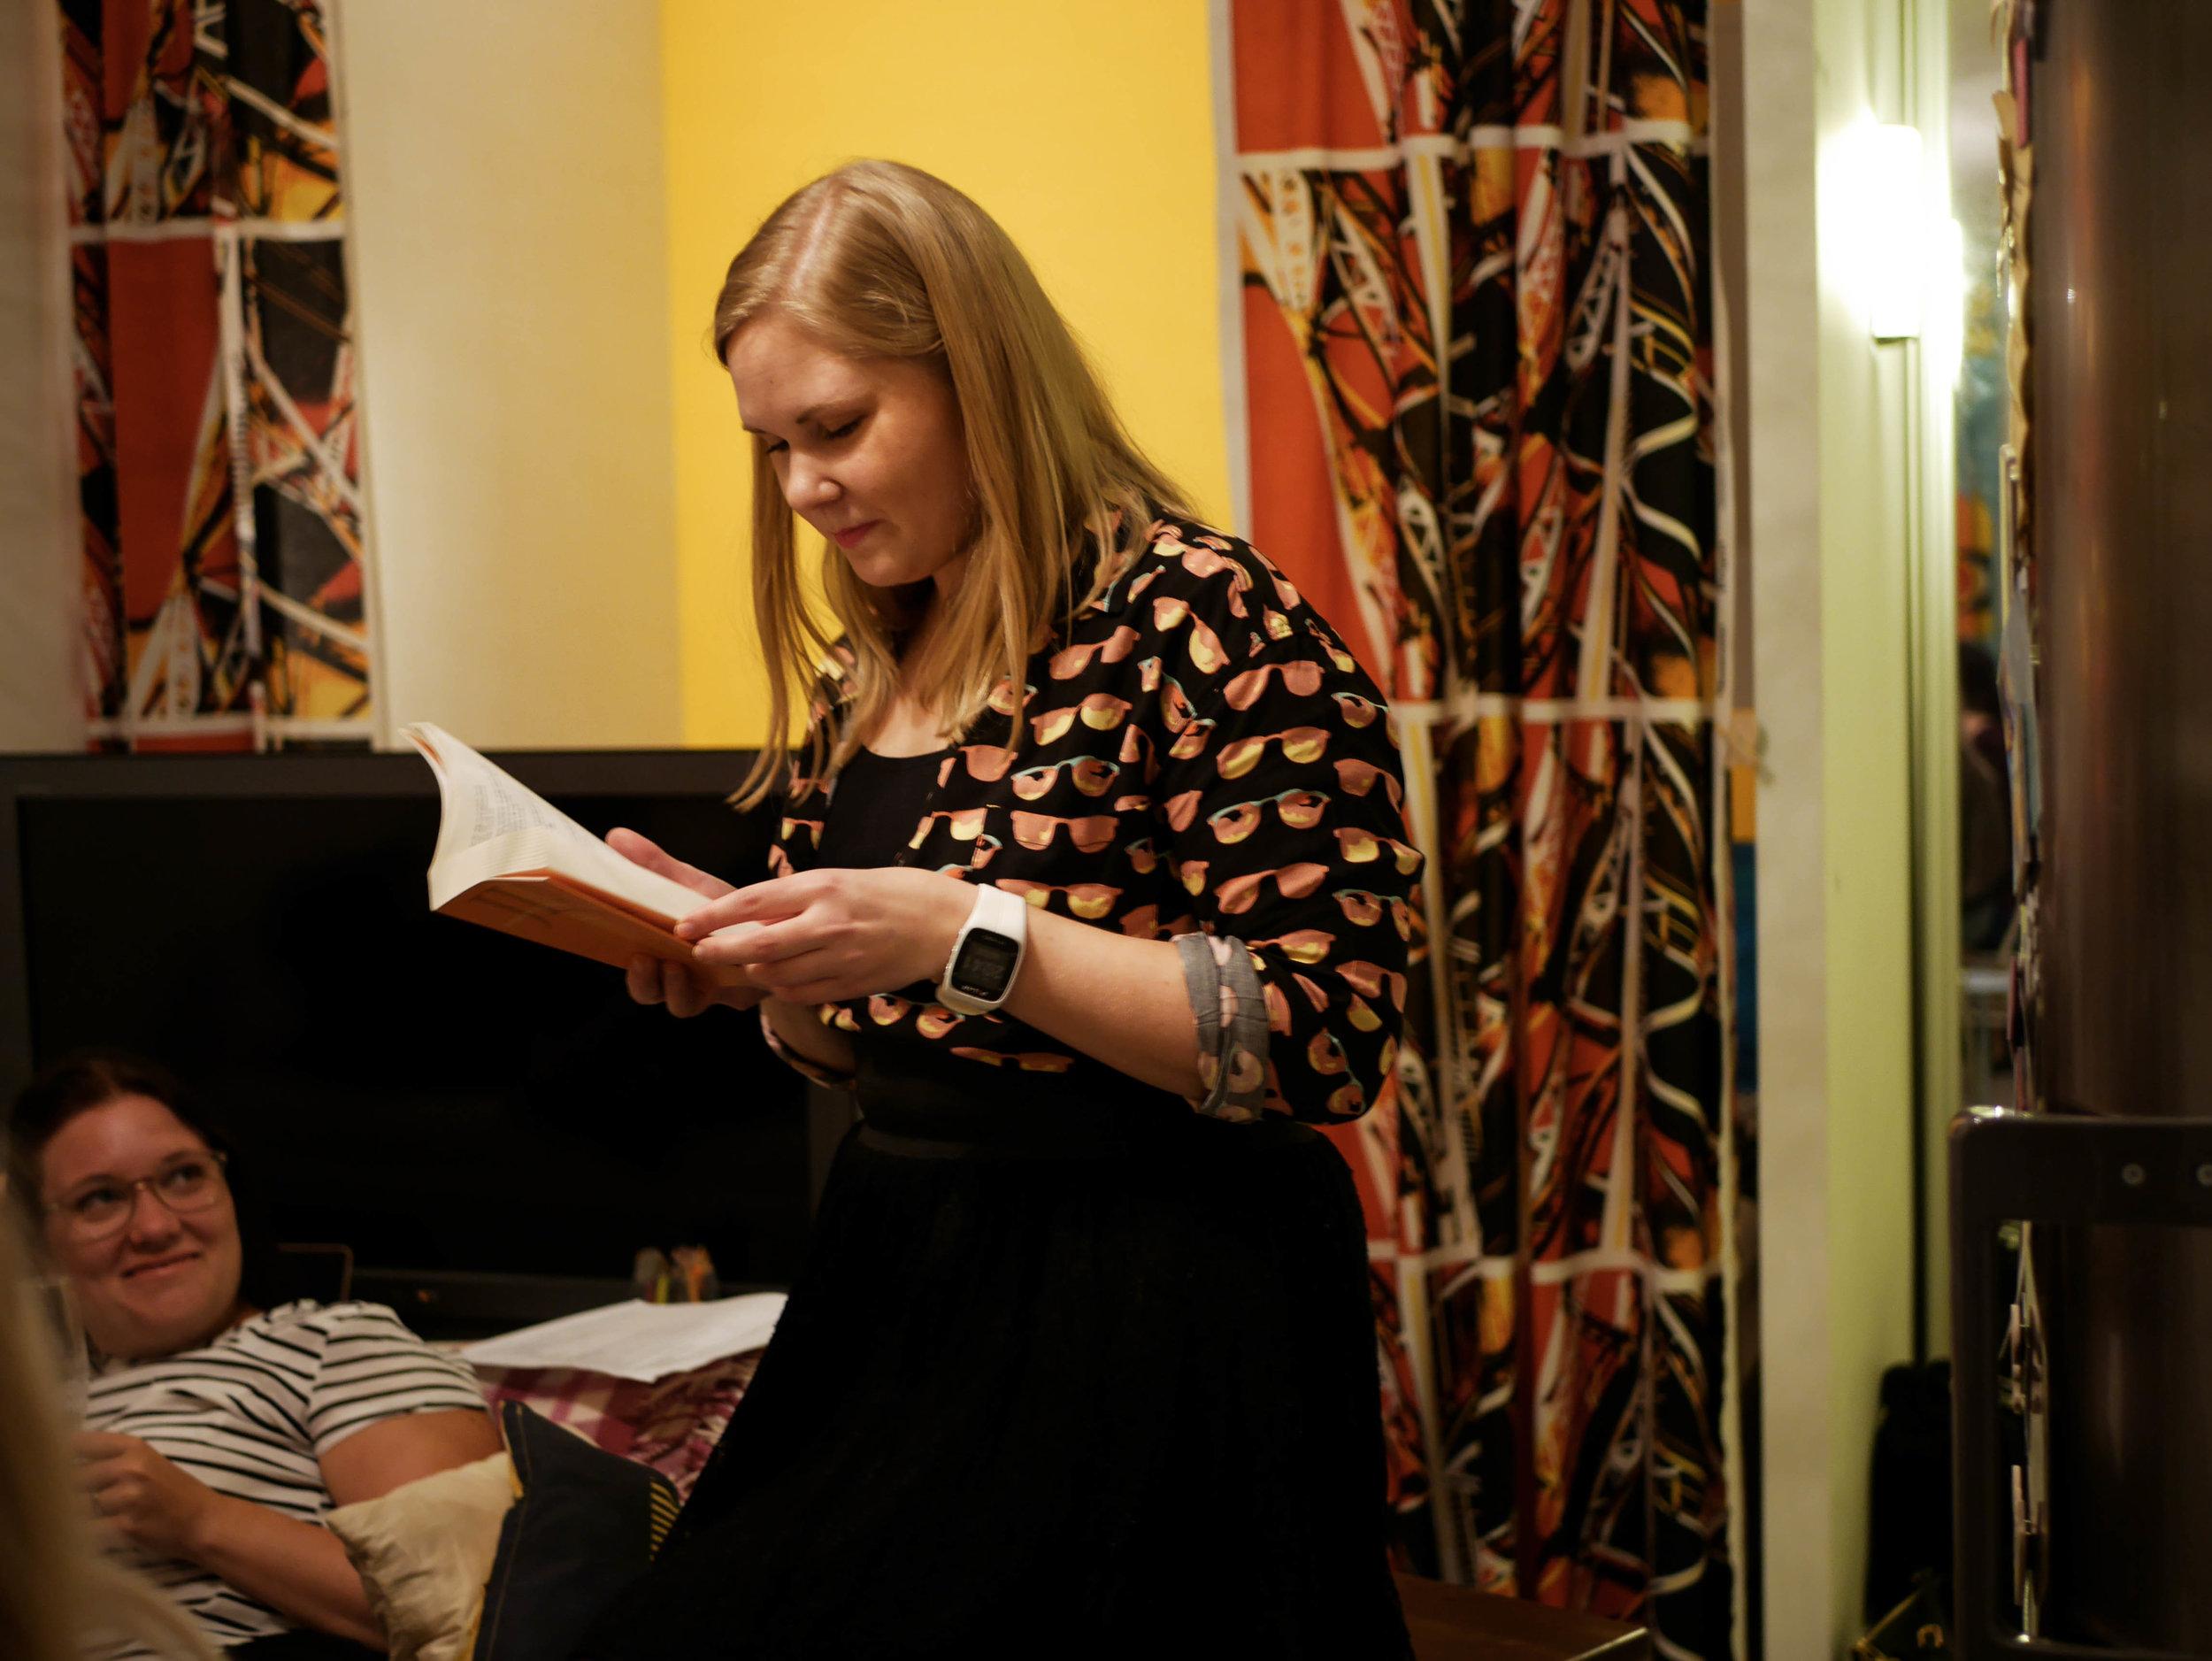 Liksom vem skulle INTE bli kär i en människa som läser Runeberg på fest?! Ehehe. Foto:  Jennifer .